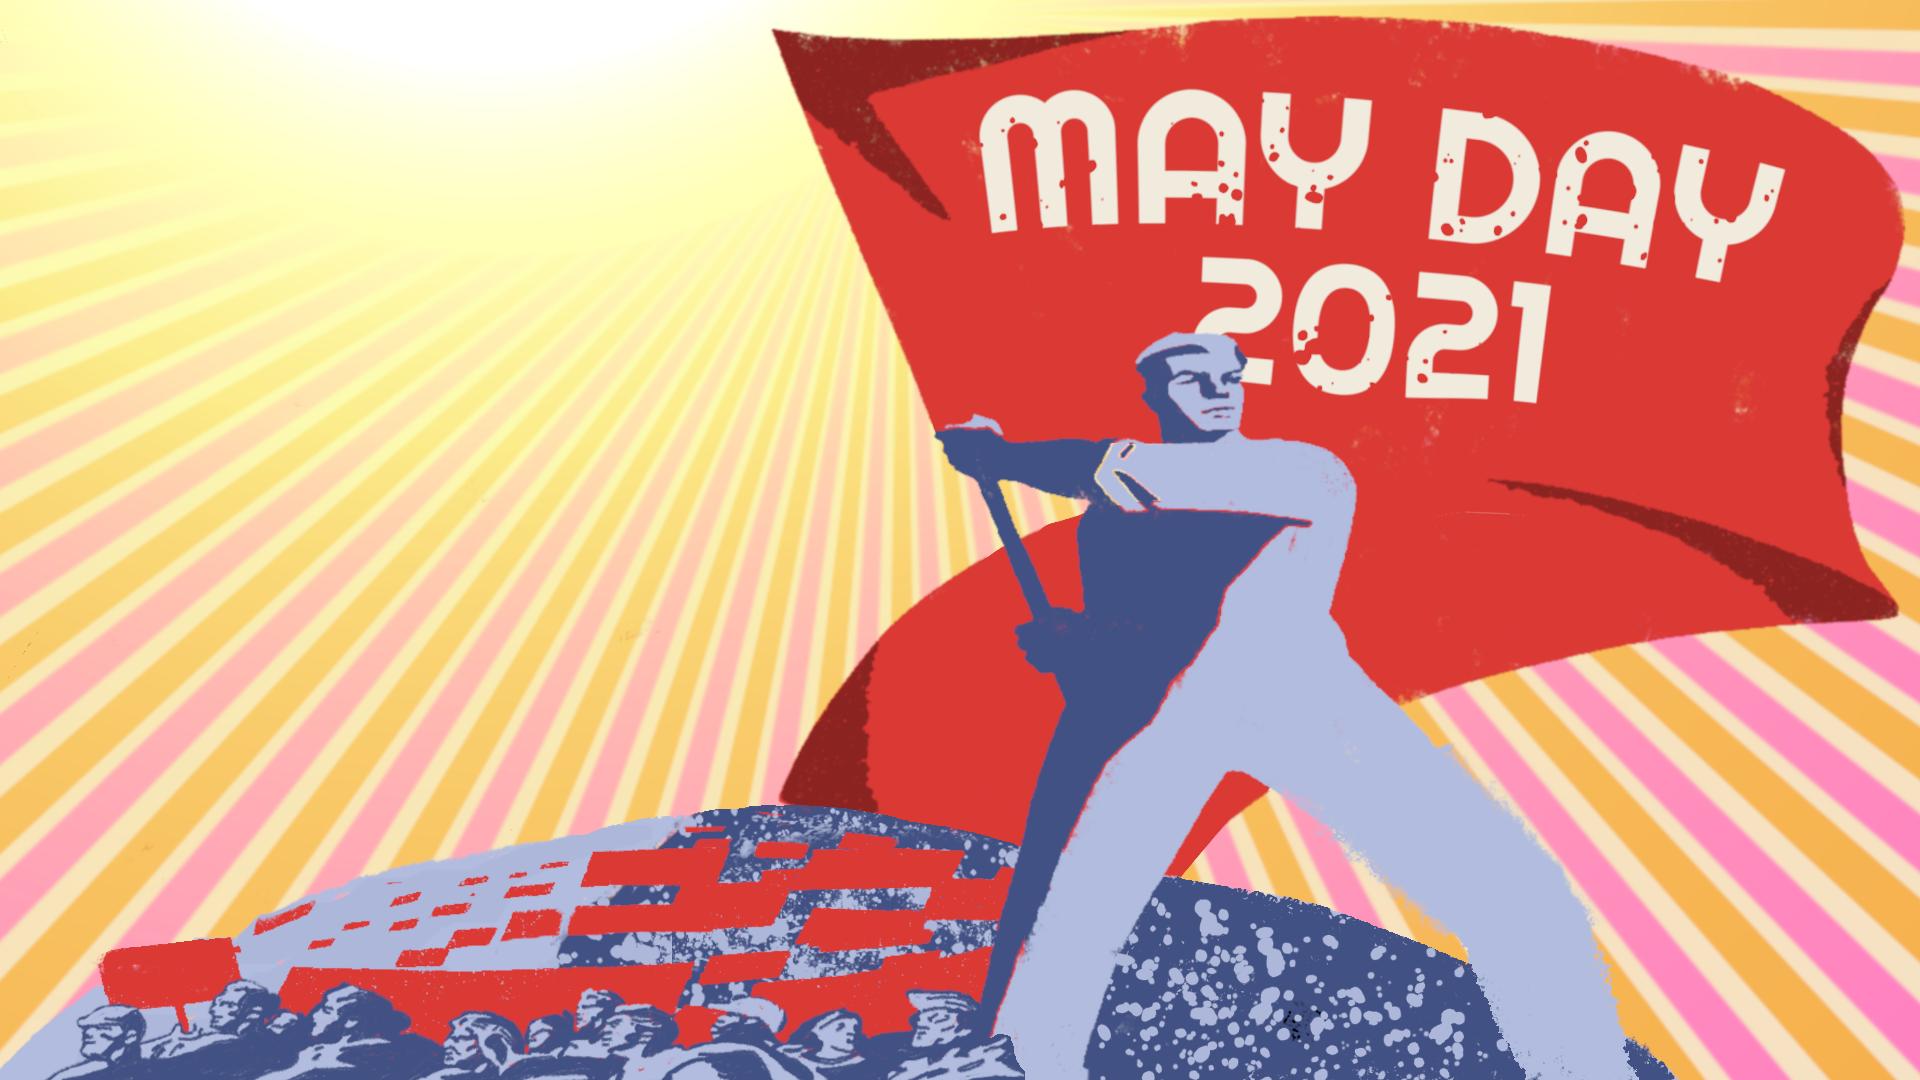 May 2021 banner